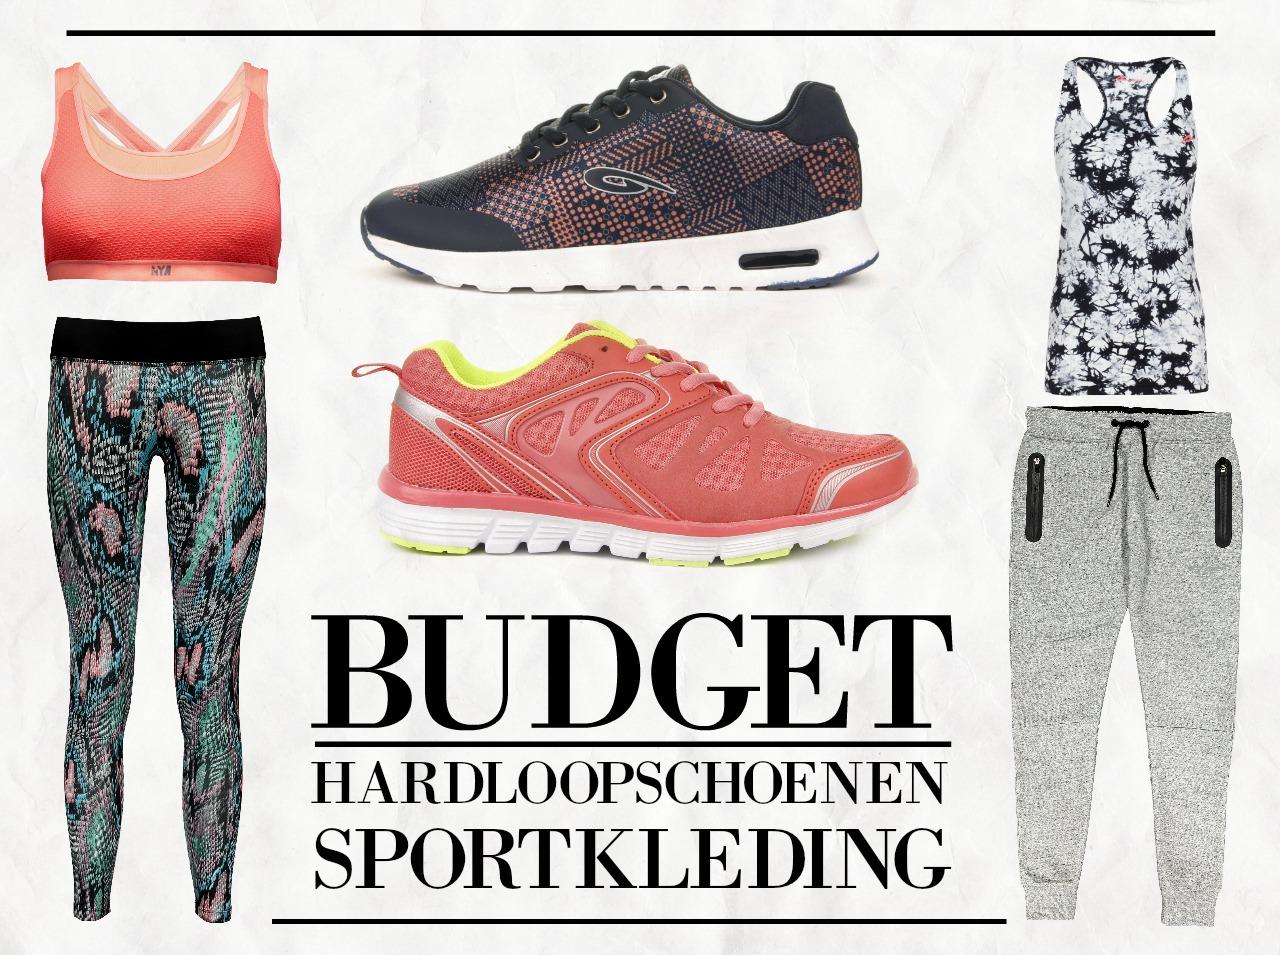 Goedkope hardloopschoenen en sportkleding mevrouwmiauw.nl